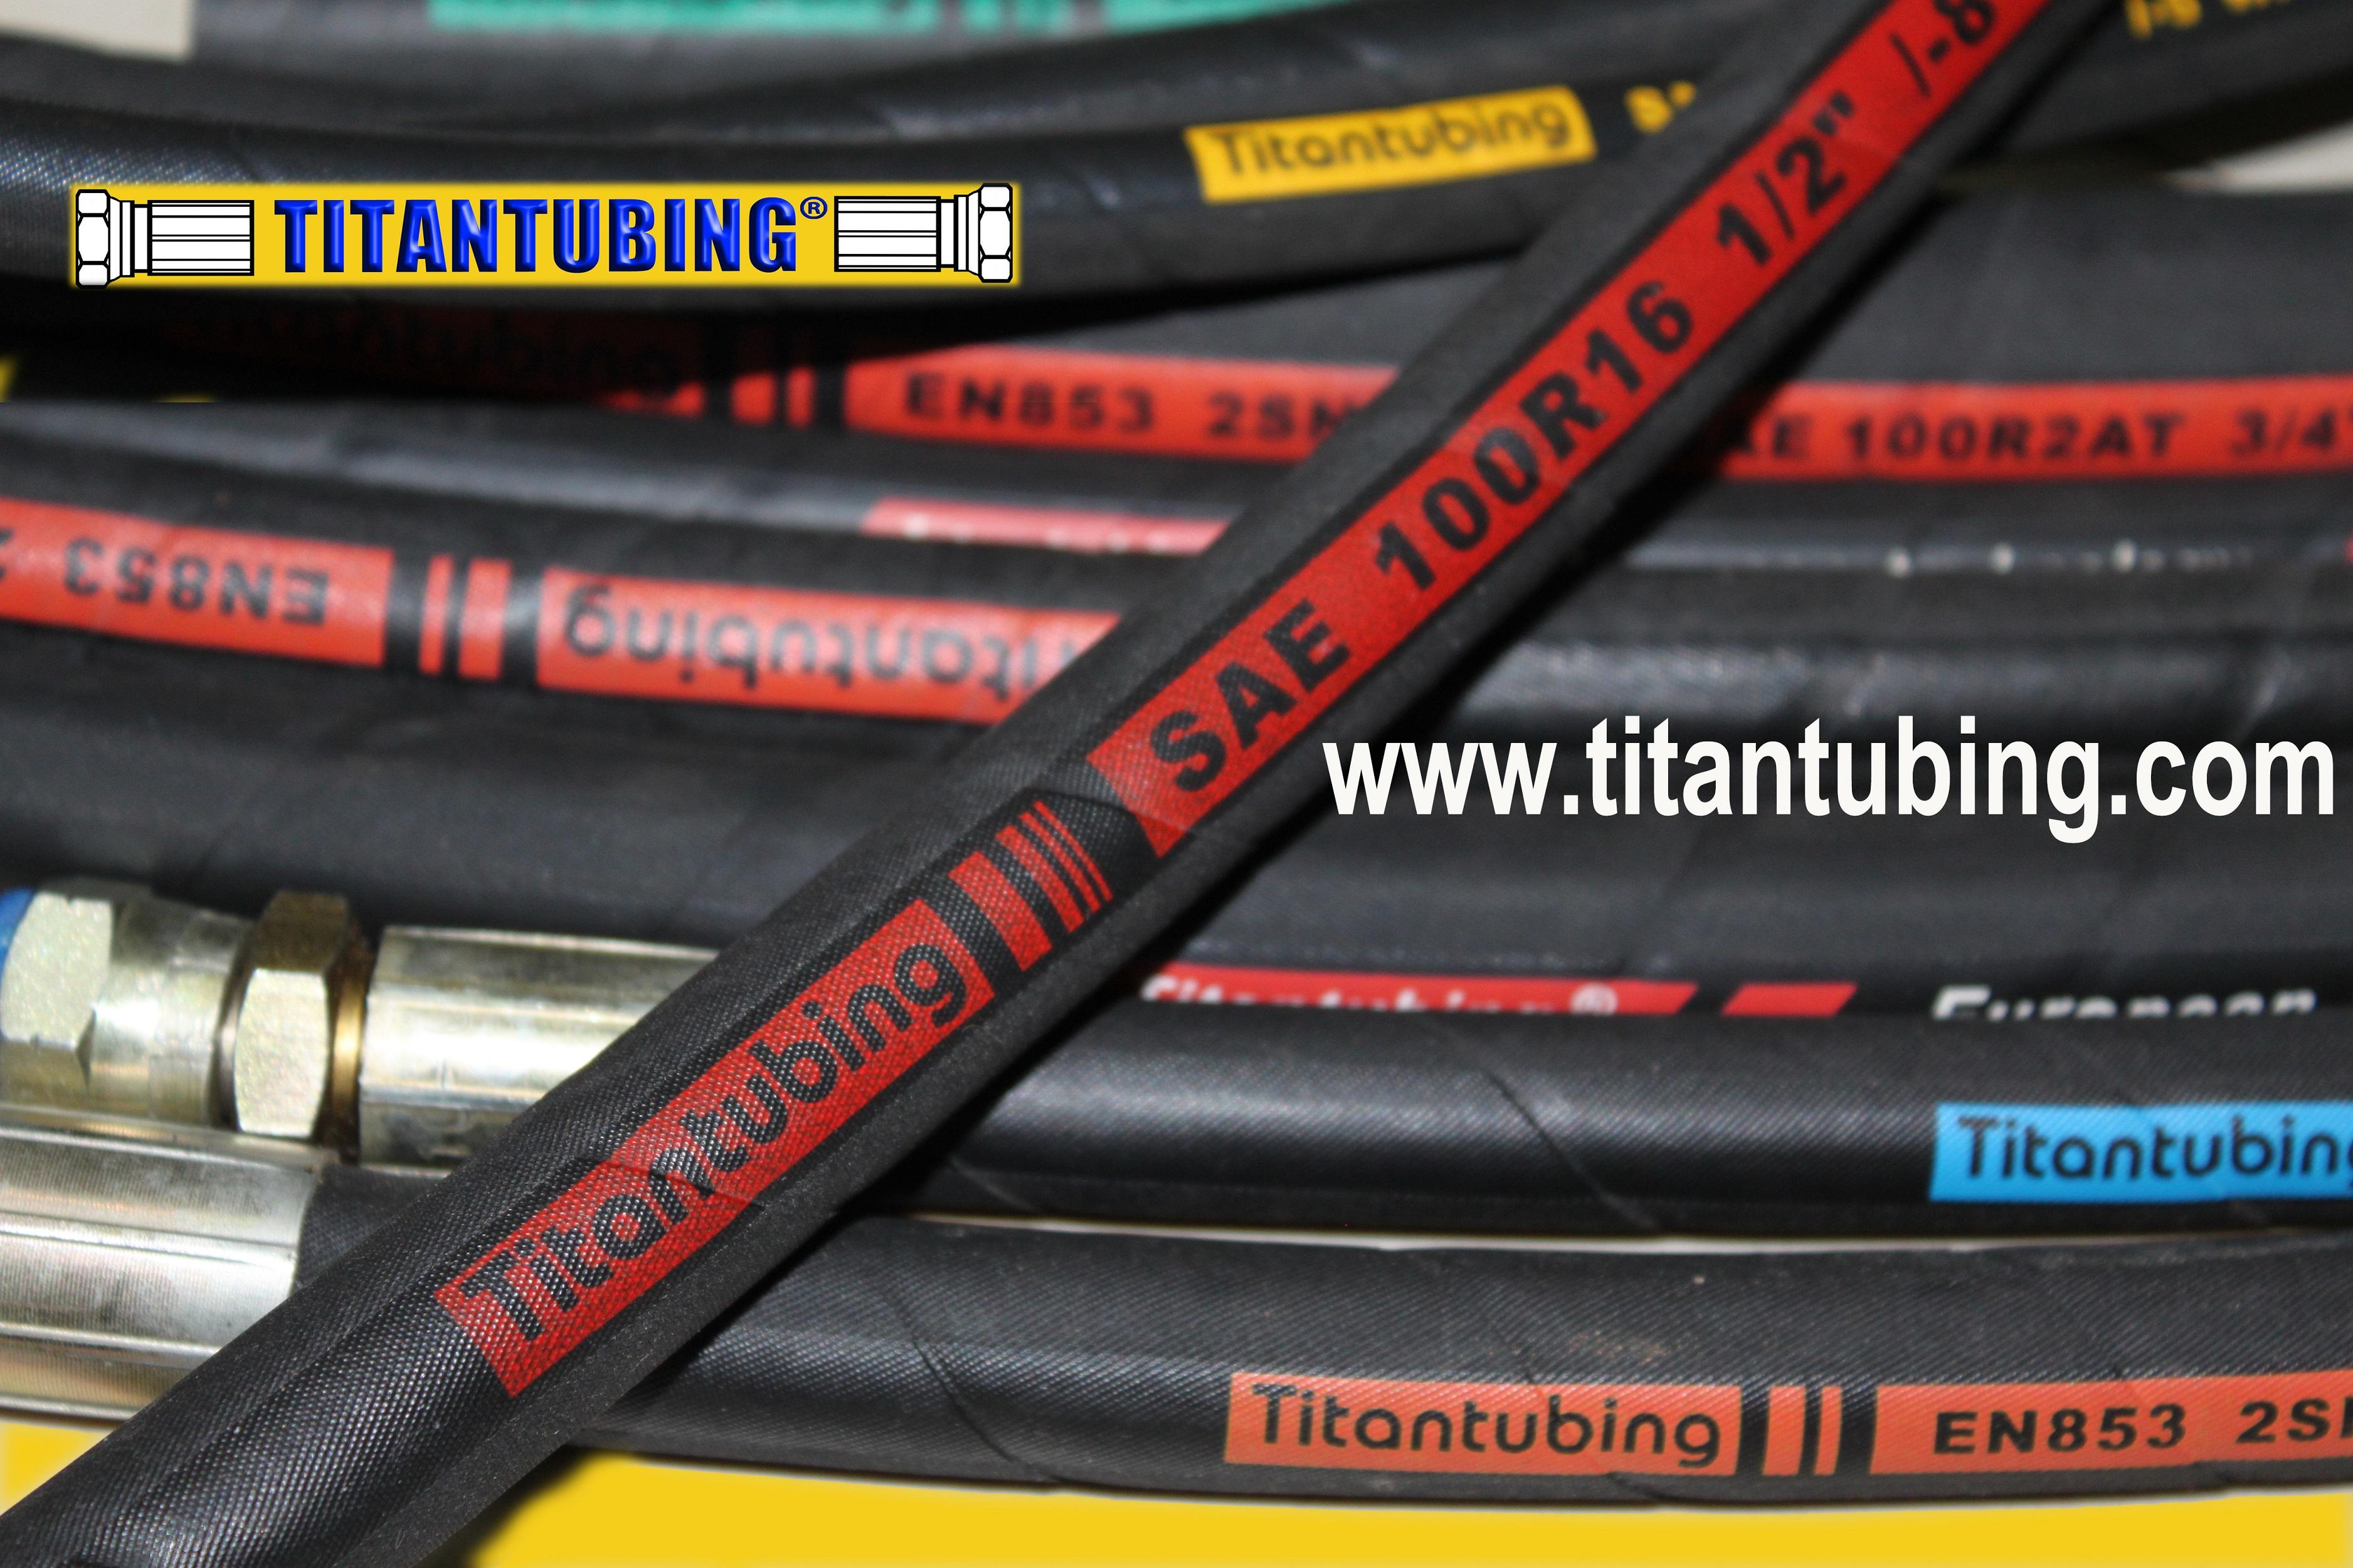 燃油管 空气管  高压油管  钢丝编织管 air hose EN857 钢丝缠绕橡胶管 钢丝缠绕液压管